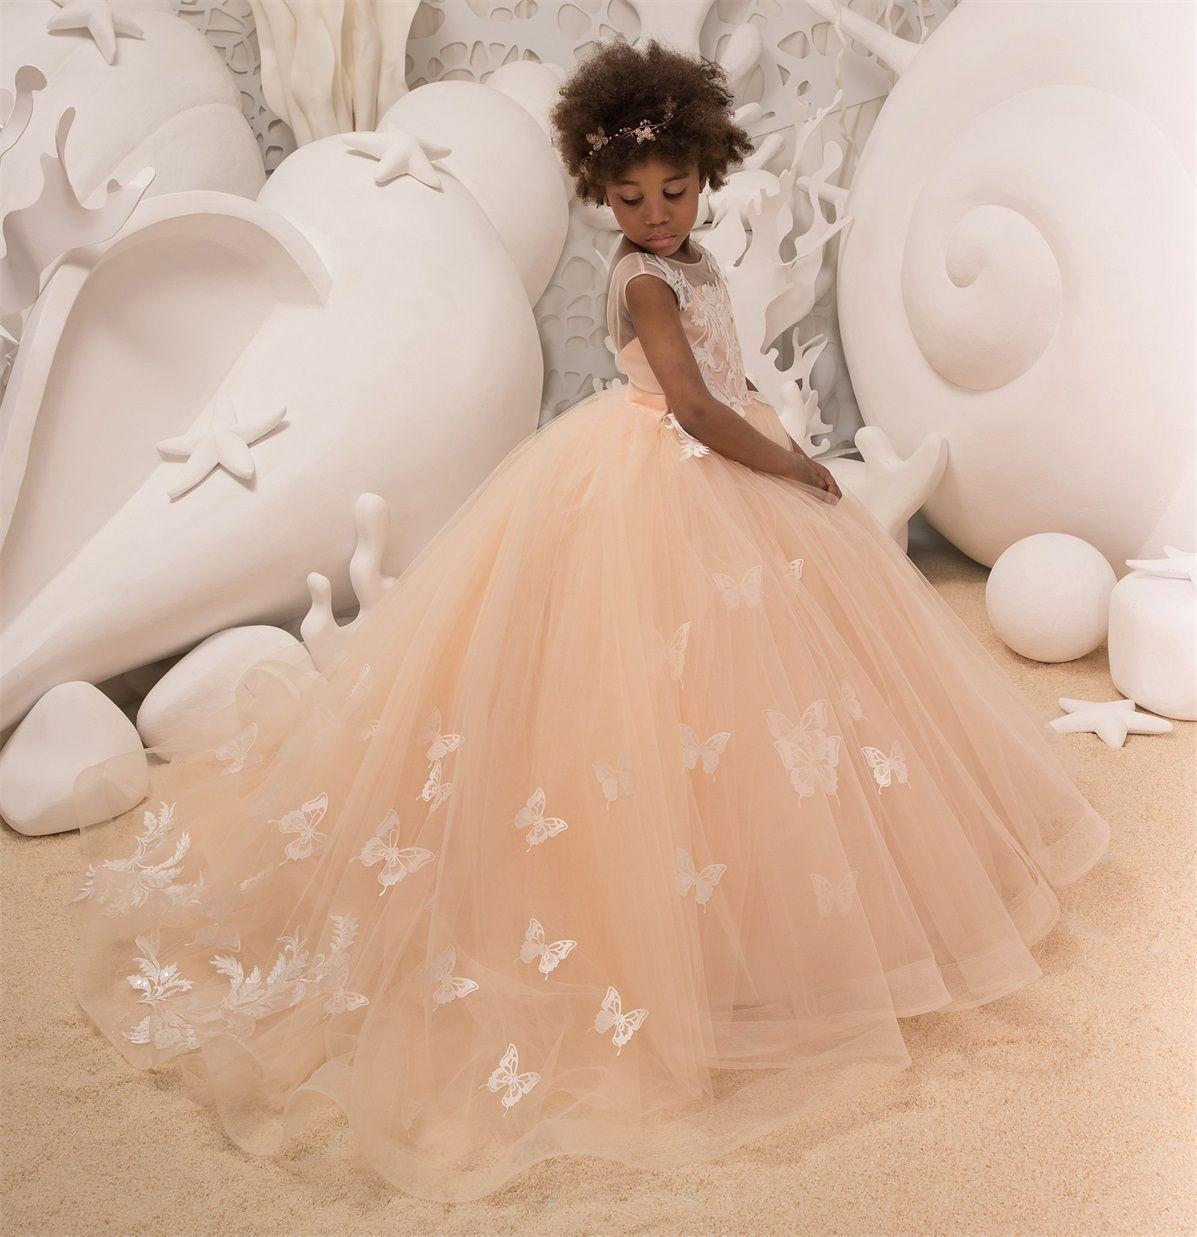 4fe4d73ec Compre Melocotón Vestidos Para Niñas De Flores 2018 Mariposa Apliques De  Encaje Vestido De Fiesta De Cumpleaños De Las Niñas Vestido De Gala Joya  Cuello ...